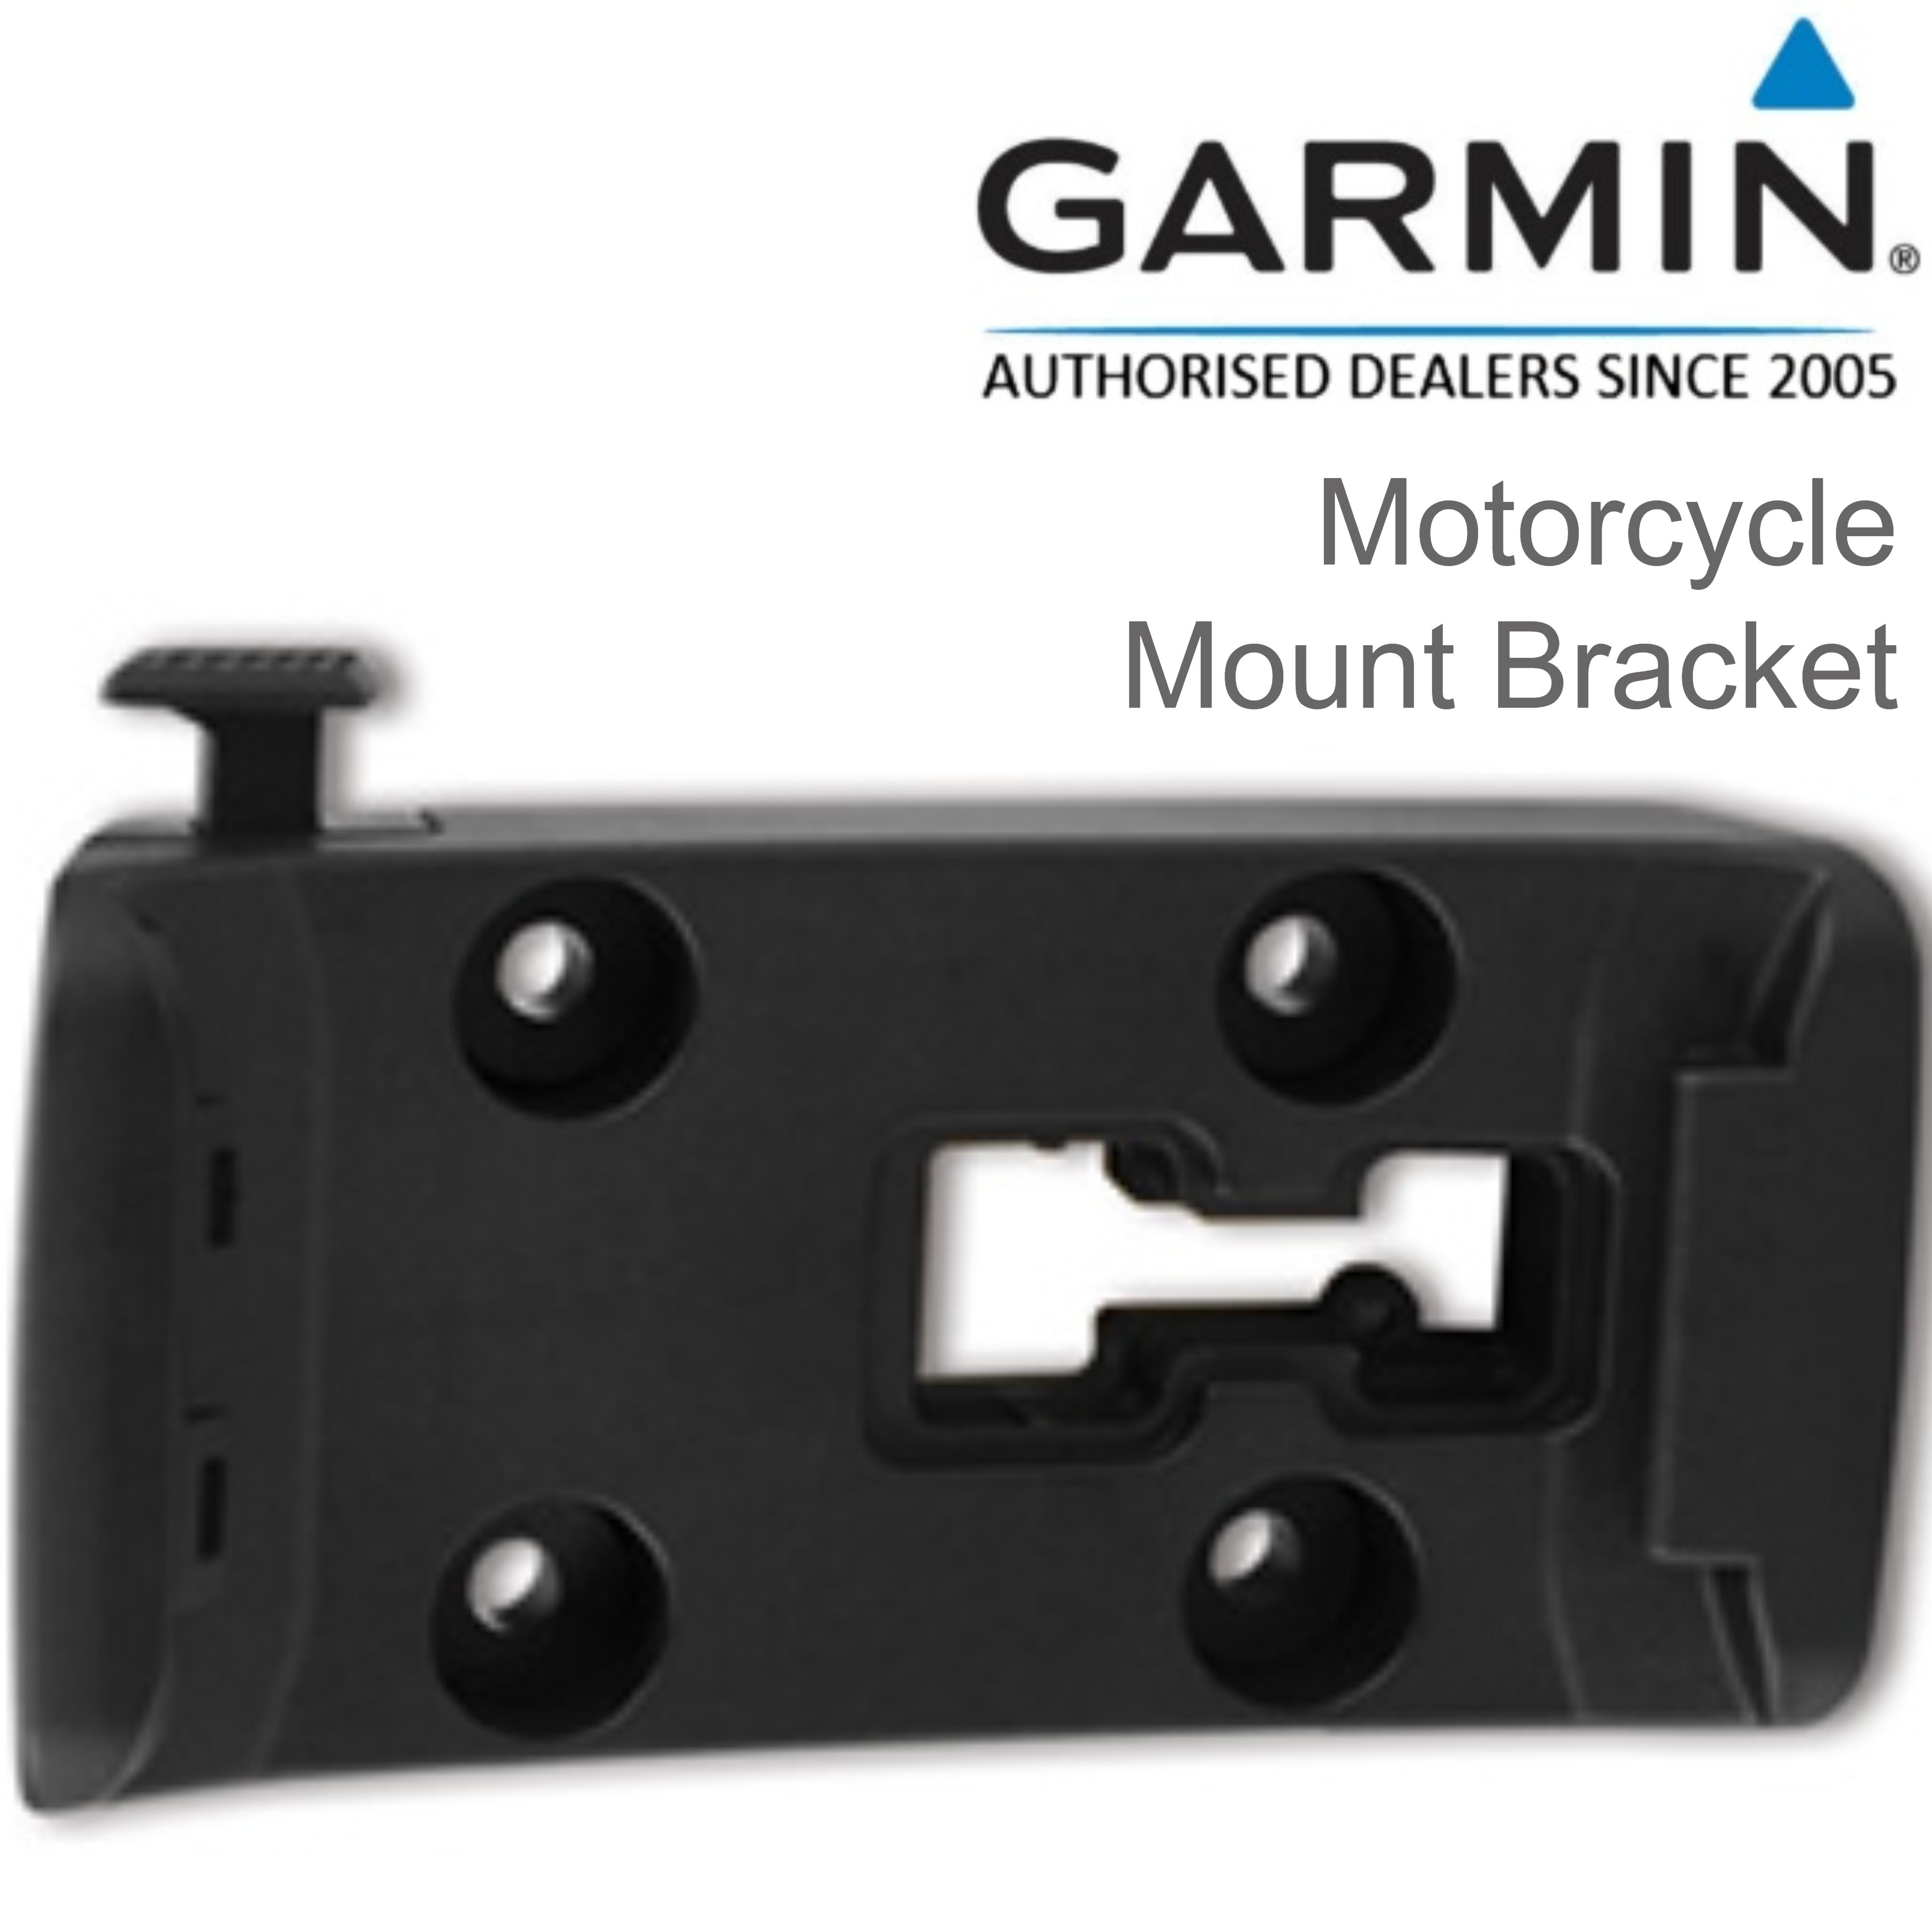 Garmin Motorcycle GPS Mount Bracket Holder | For Zumo 340LM 345LM 350LM 390LM SatNav